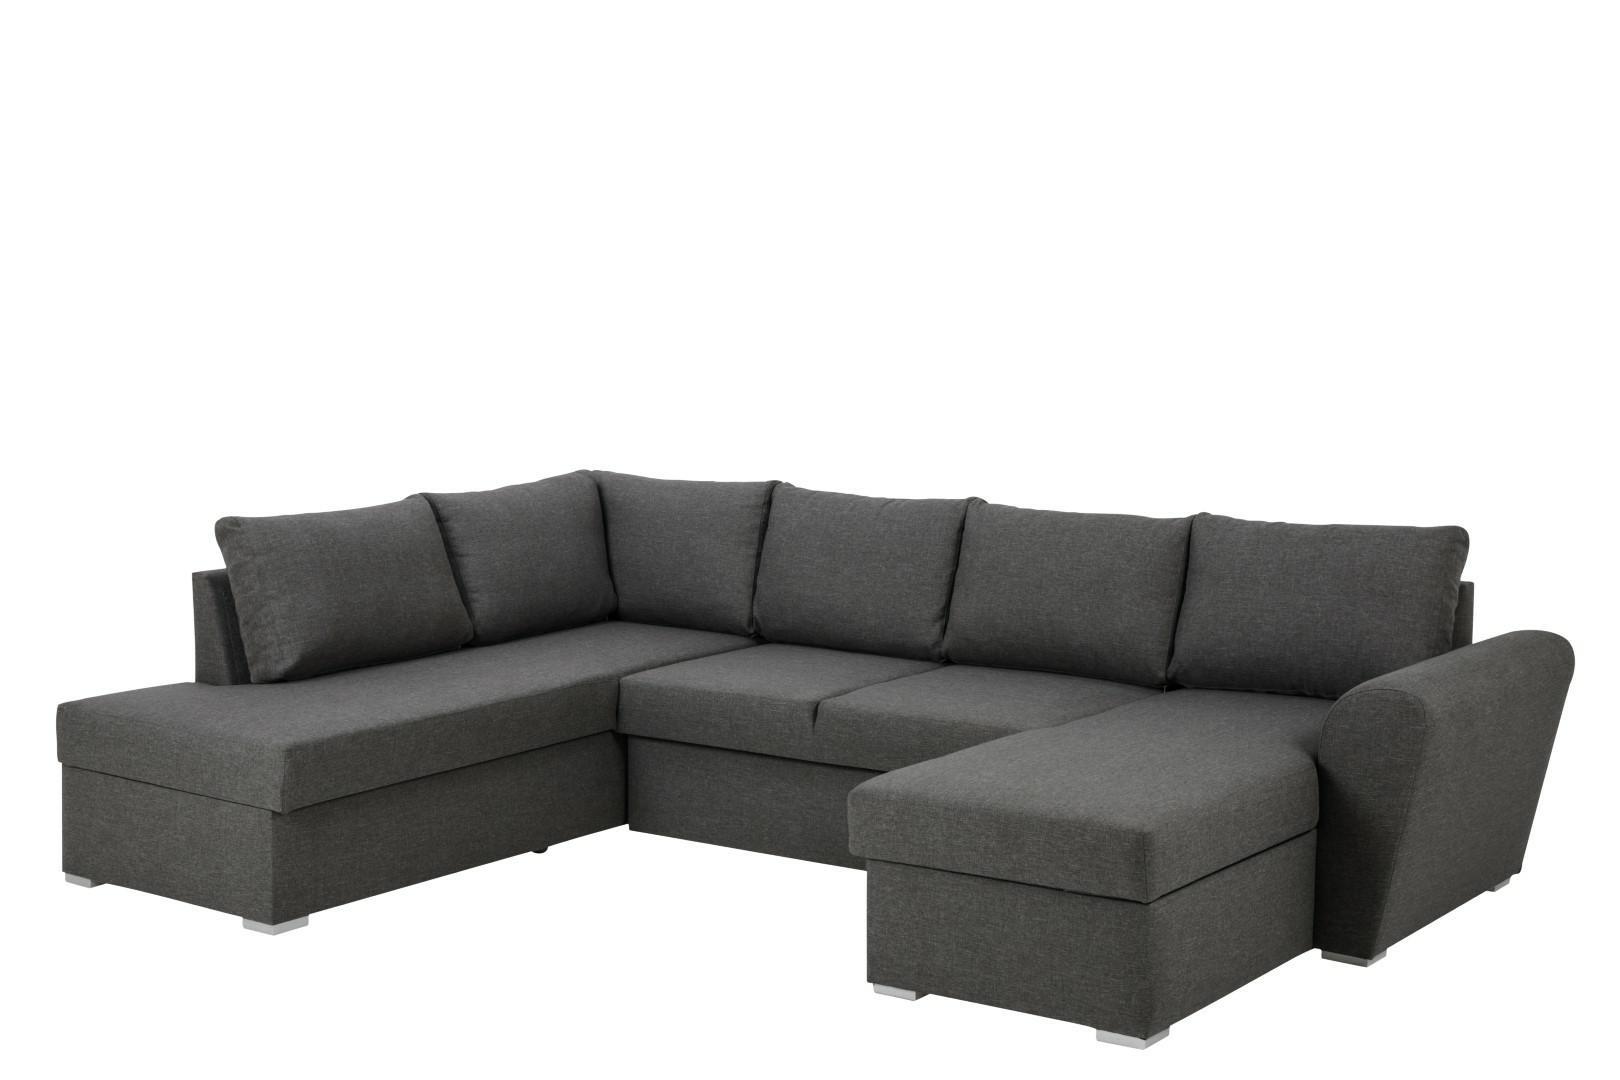 Narożna sofa Stanford Lux  rozkładana Sz ara lewa - zdjęcie nr 1